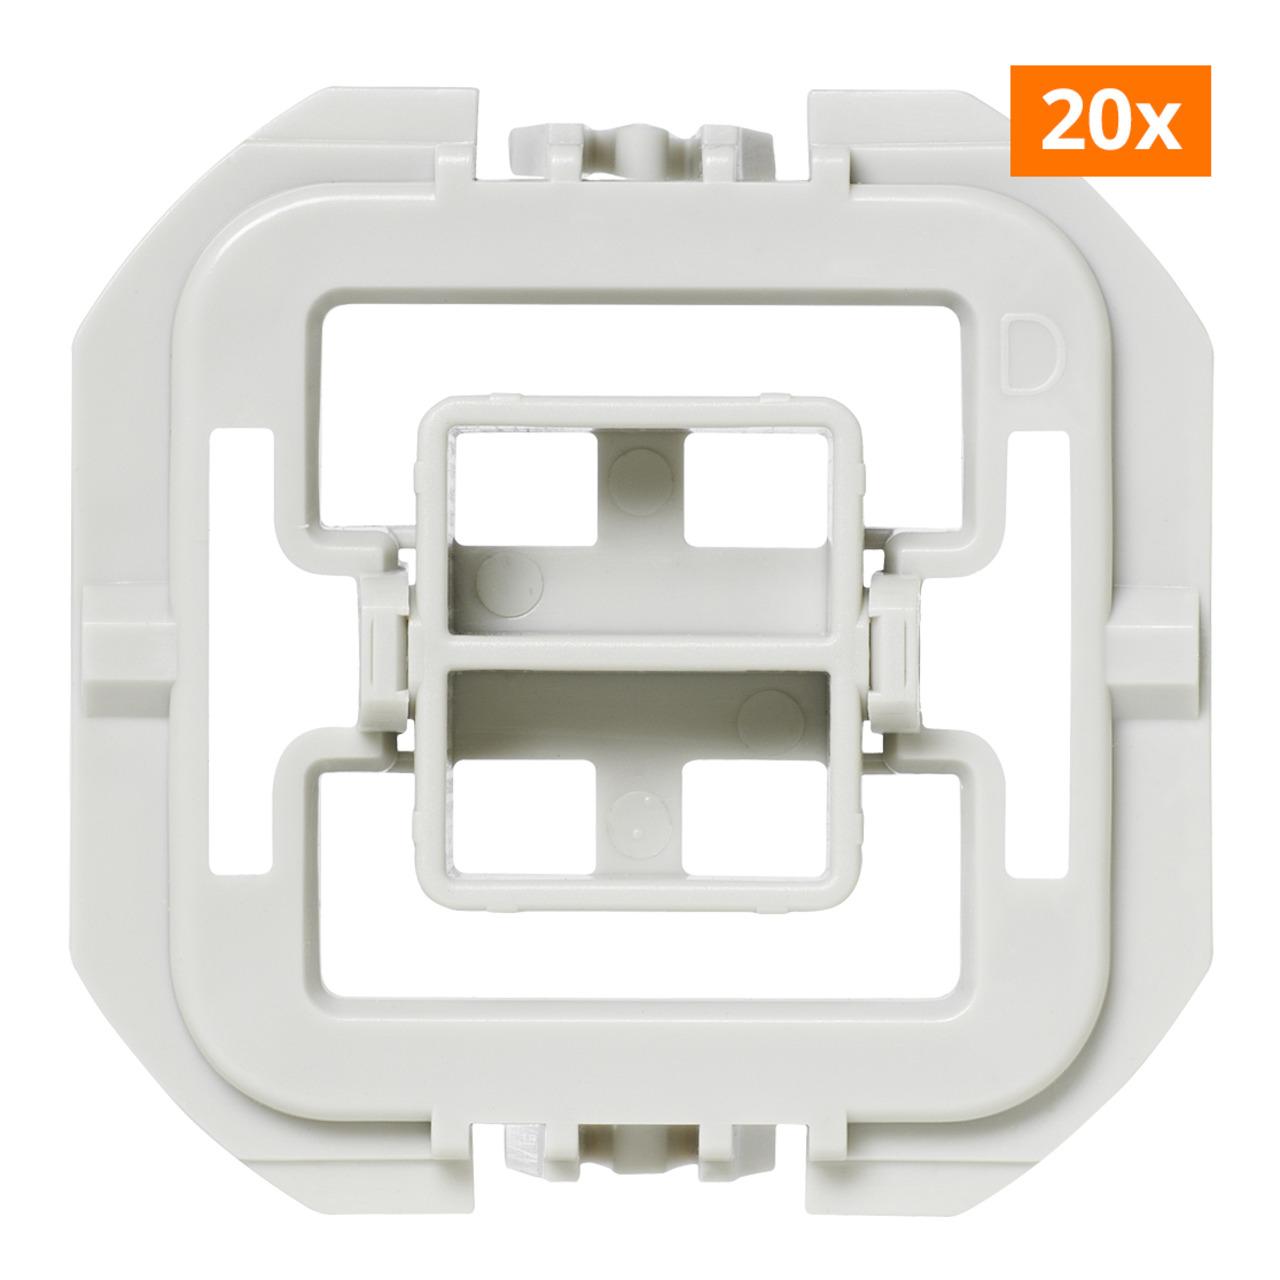 Installationsadapter für Düwi-Popp-Schalter- 20er-Set für Smart Home - Hausautomation